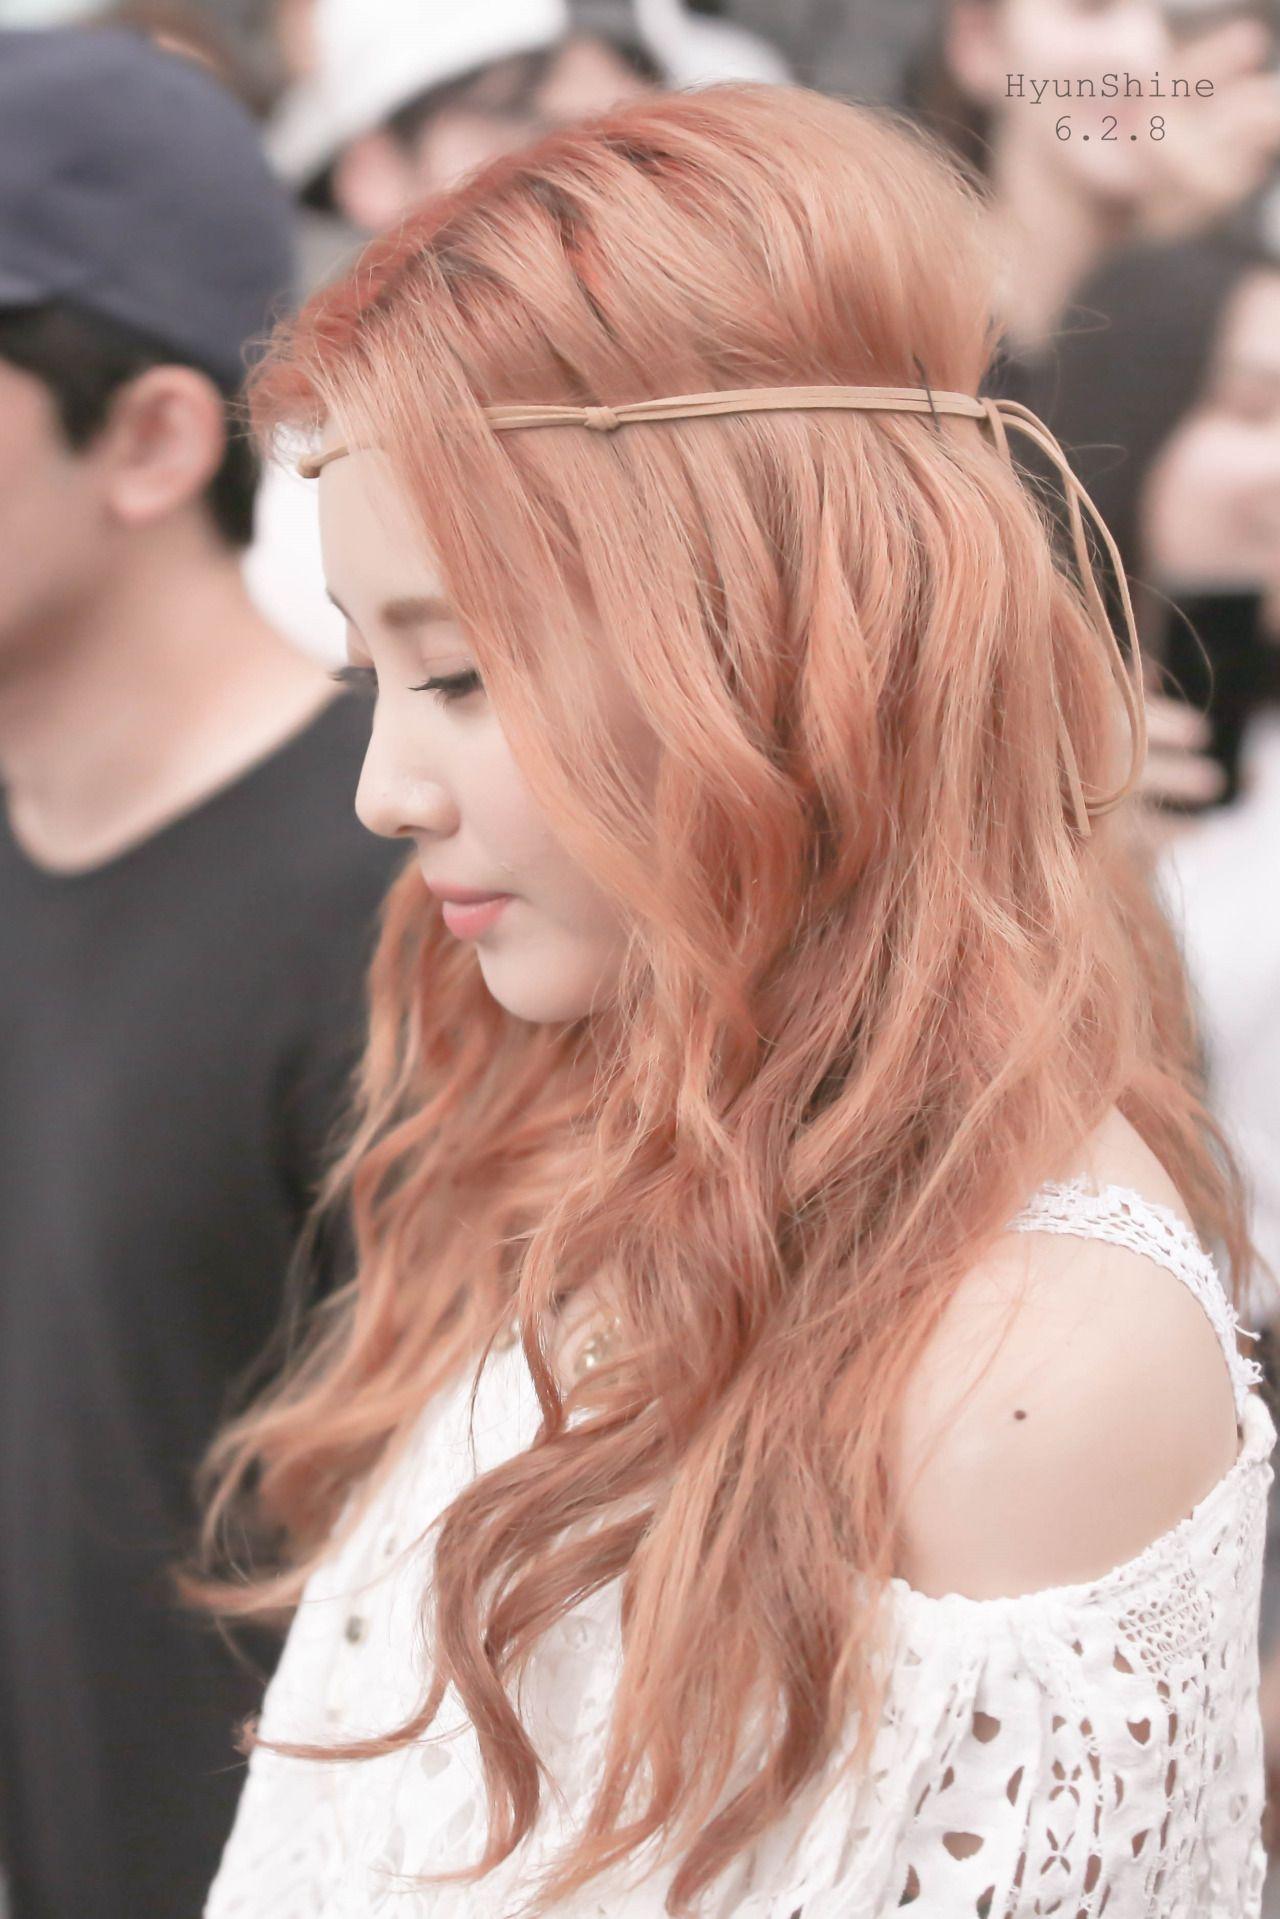 Seohyun Girl S Generation Snsd 髪 色 ヘアースタイル ヘアスタイル